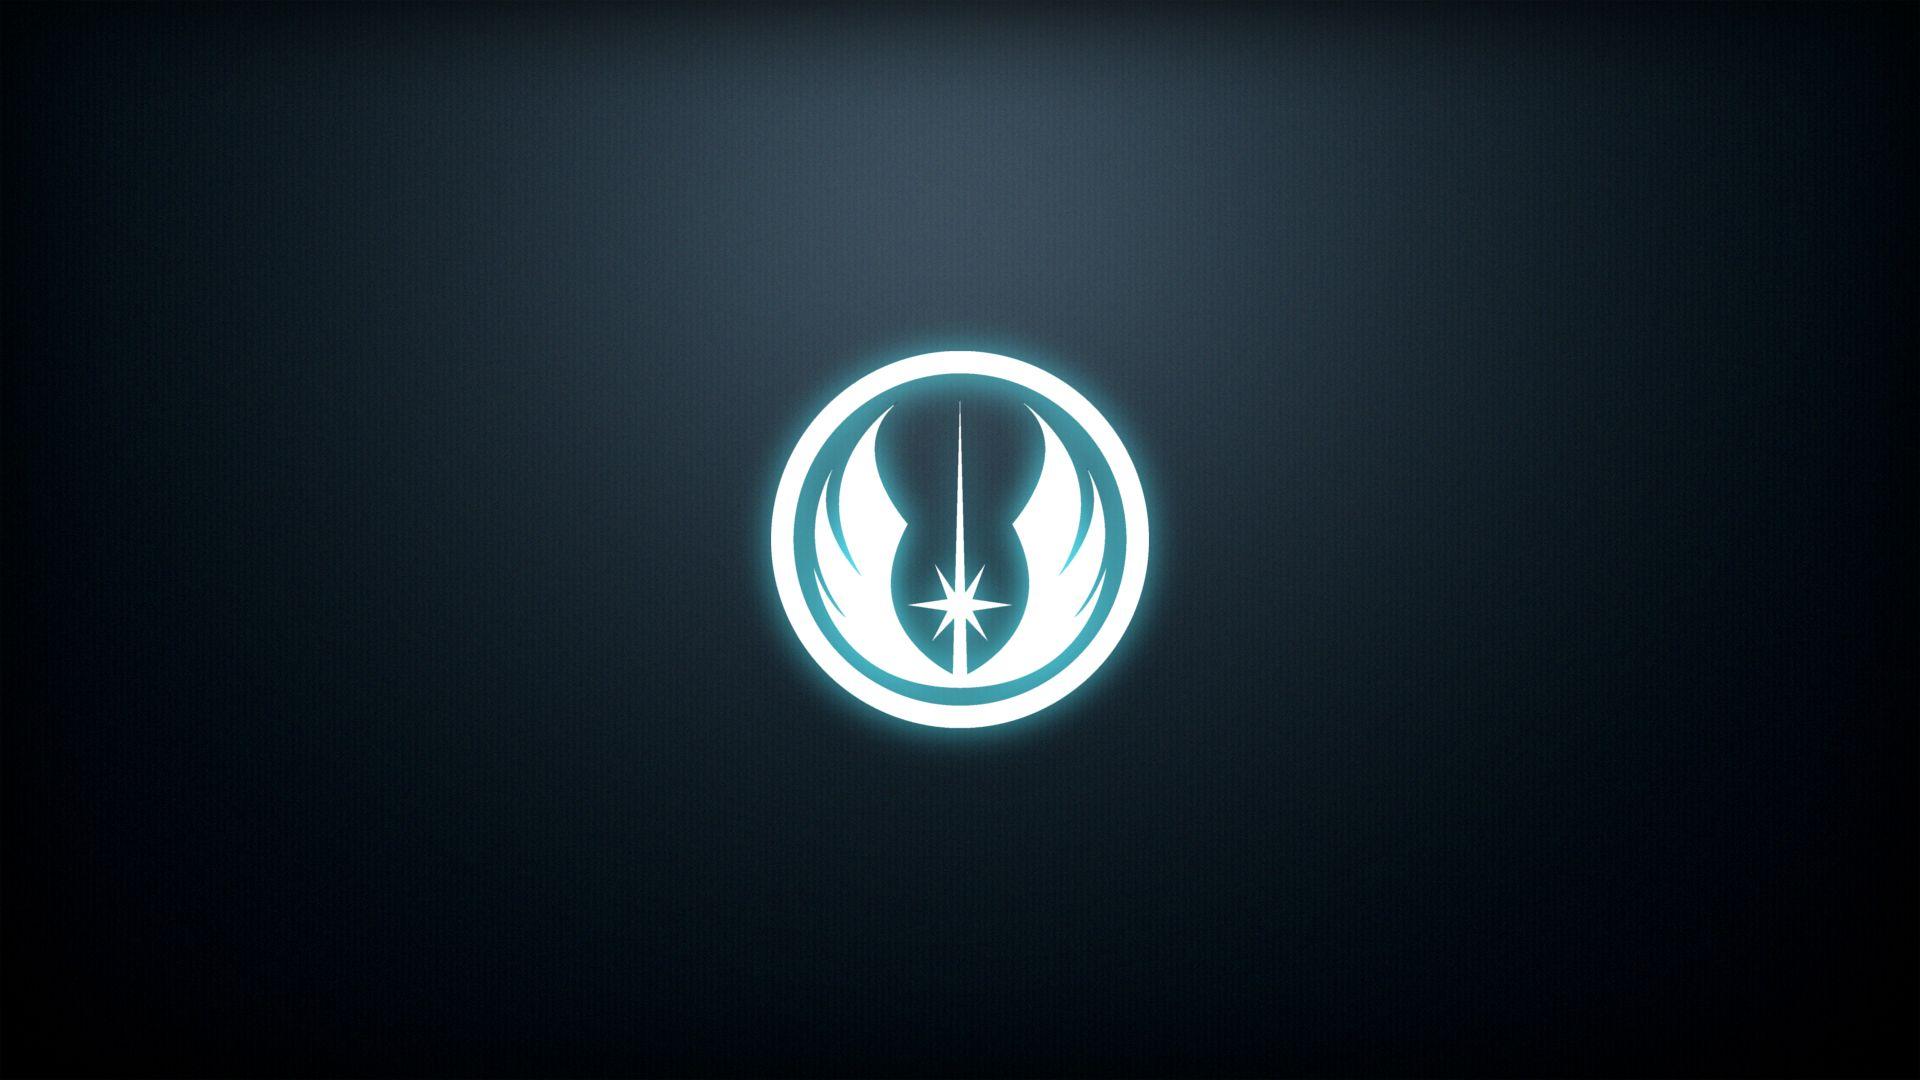 Star Wars Jedi Symbol Wallpaper 1 1920x1080